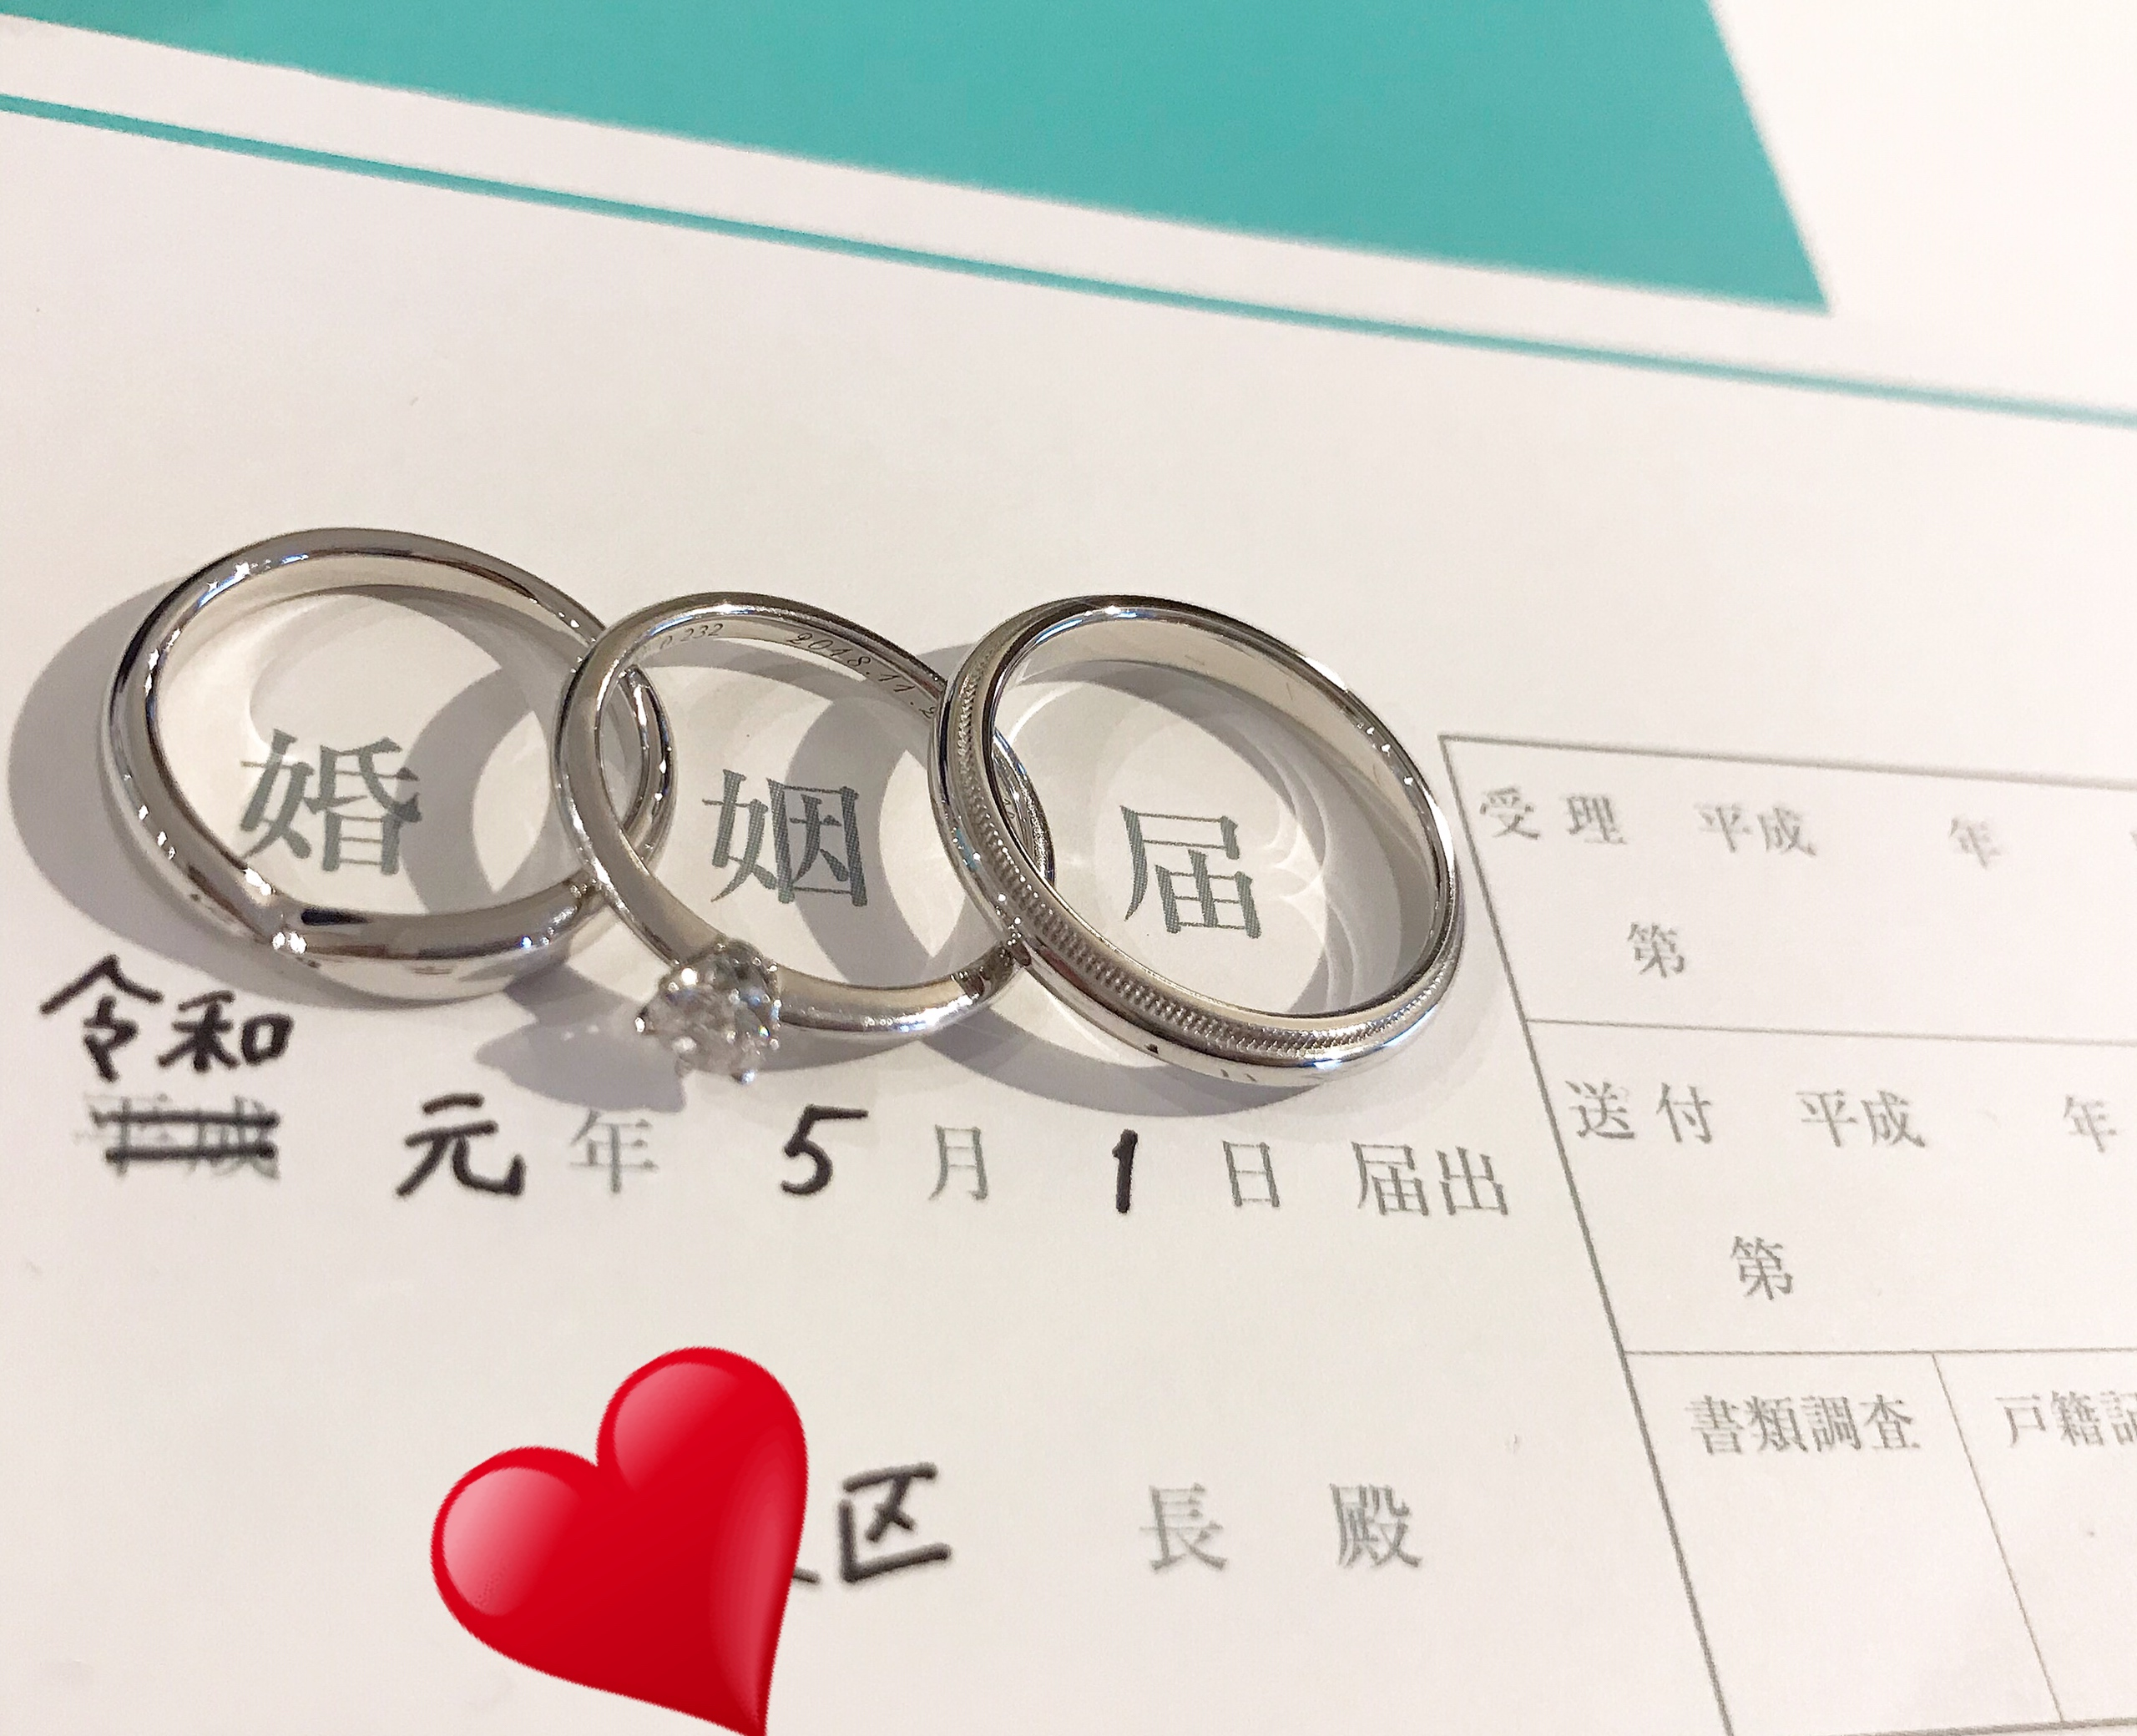 【ご報告】令和元年5月1日、入籍しました!_1